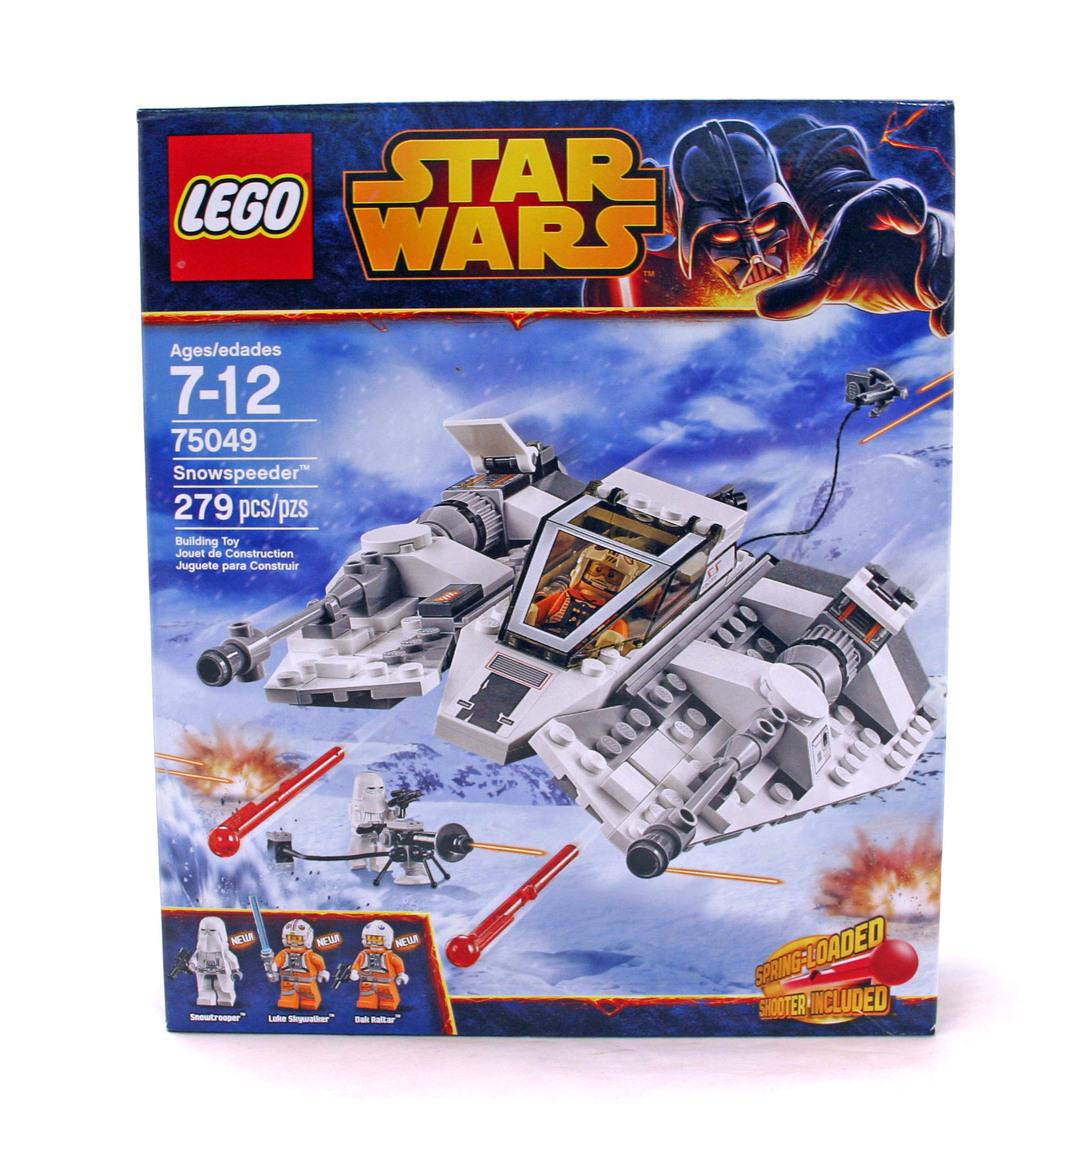 Snowspeeder Lego Set 75049 1 Nisb Building Sets Star Wars